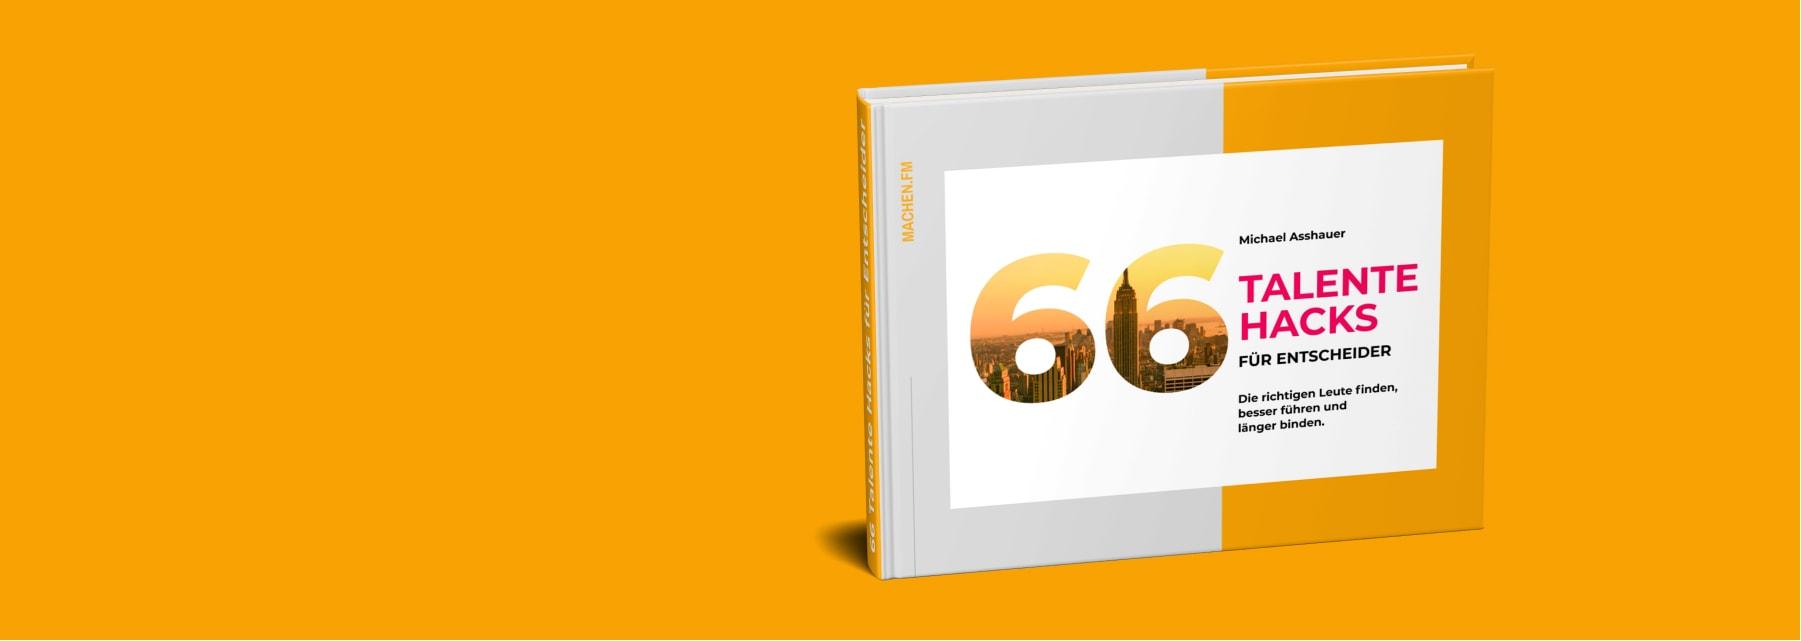 Talente Buch E-Book von Michael Asshauer 66 Hacks für Leader & Entscheider – Machen!